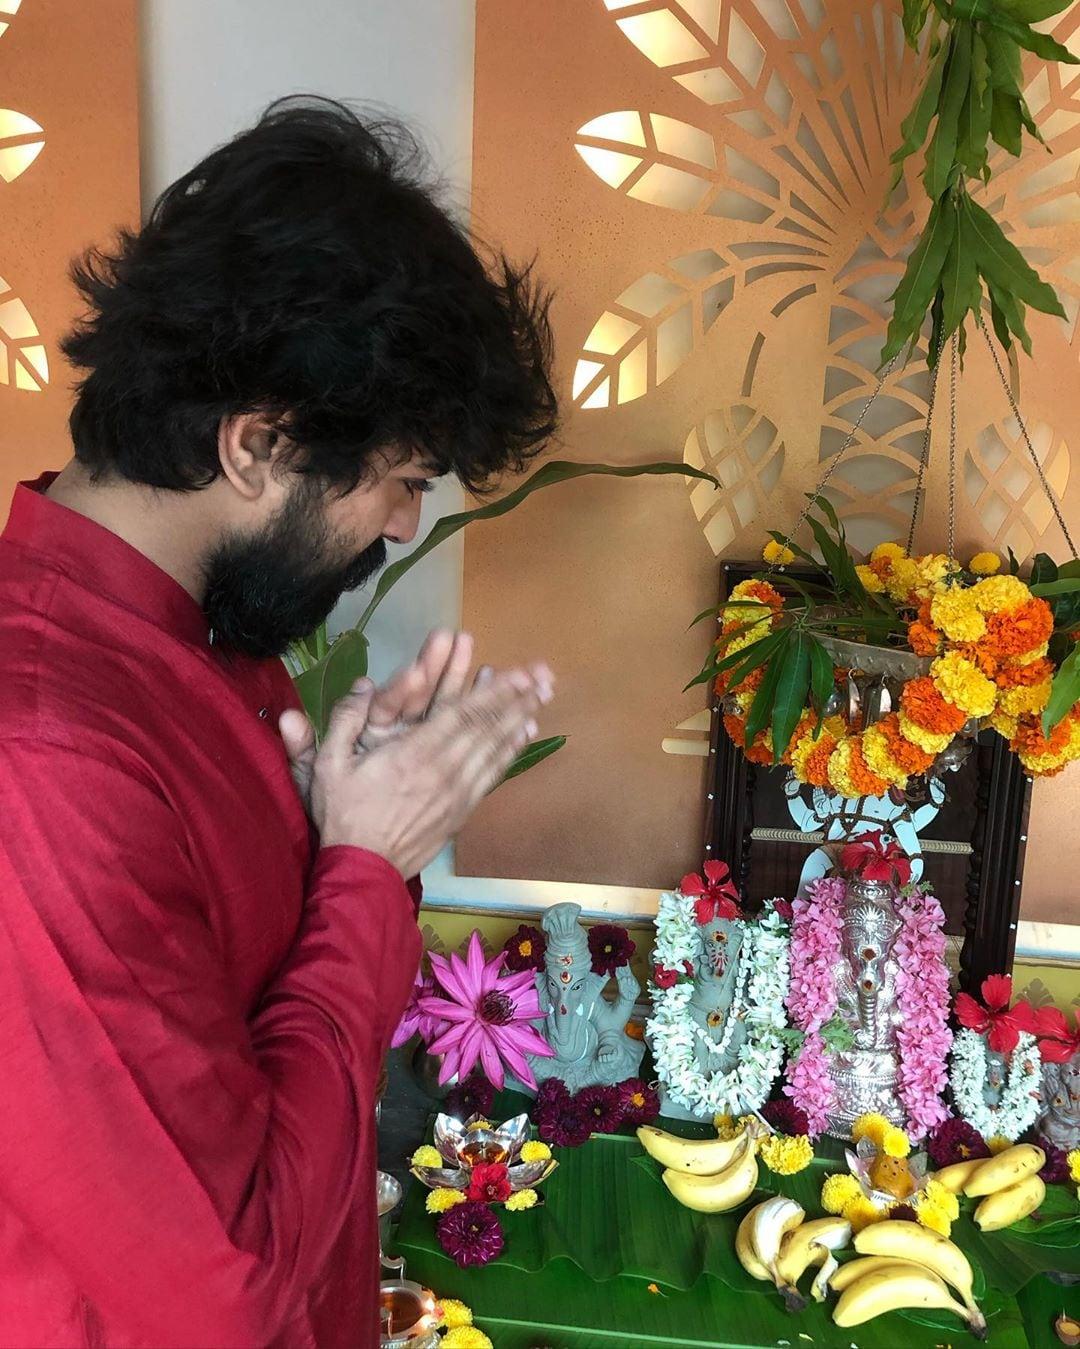 వినాయకుడికి నమస్కారం చేస్తోన్న రామ్ చరణ్ (Instagram/Photo)